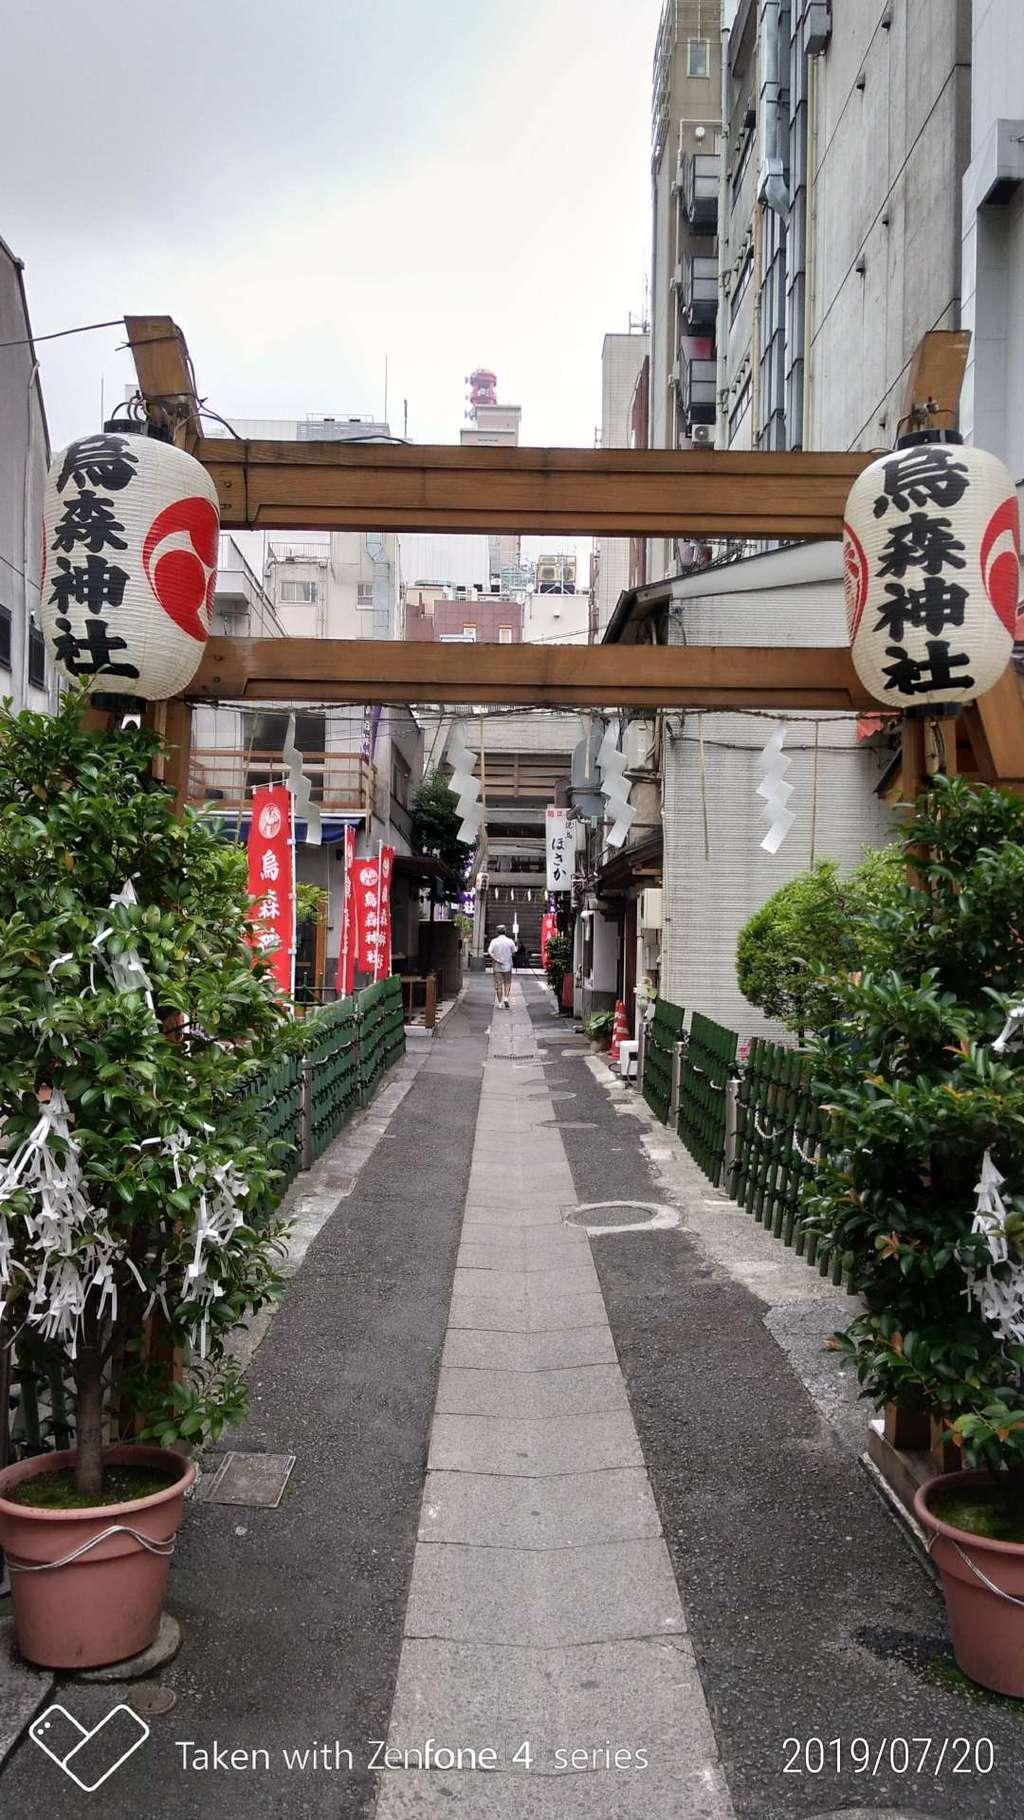 烏森神社の境内・文化財